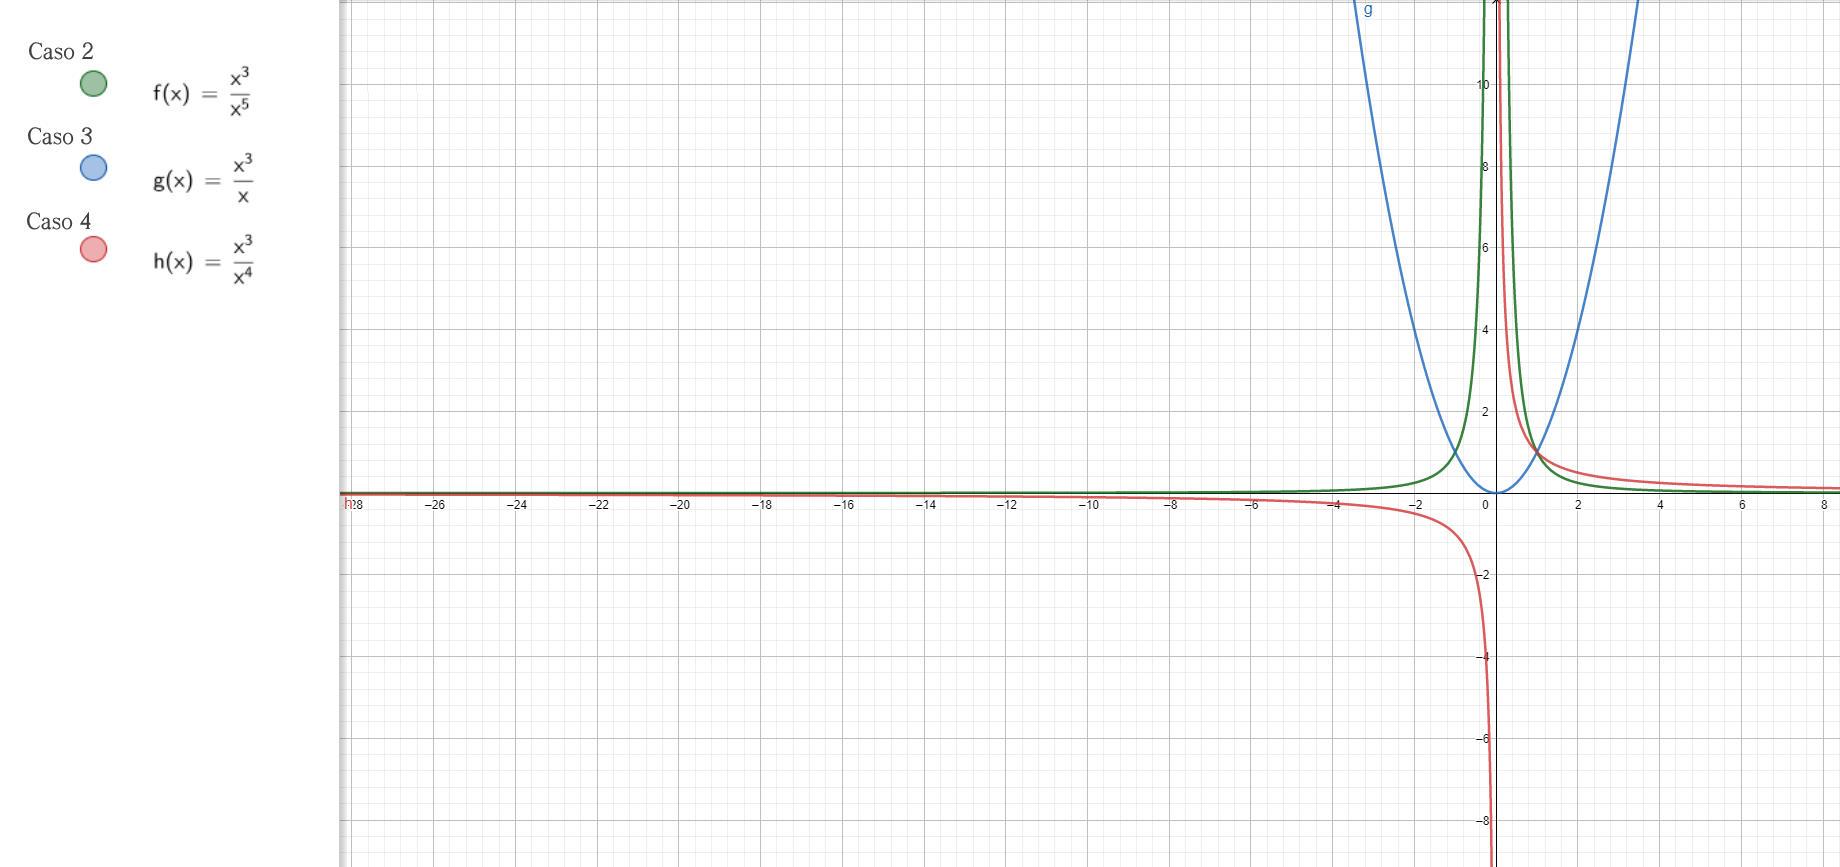 Analisi Matematica - f(x)=(P(x))(Q(x))^-1 - Grafici delle funzioni - AM016-14